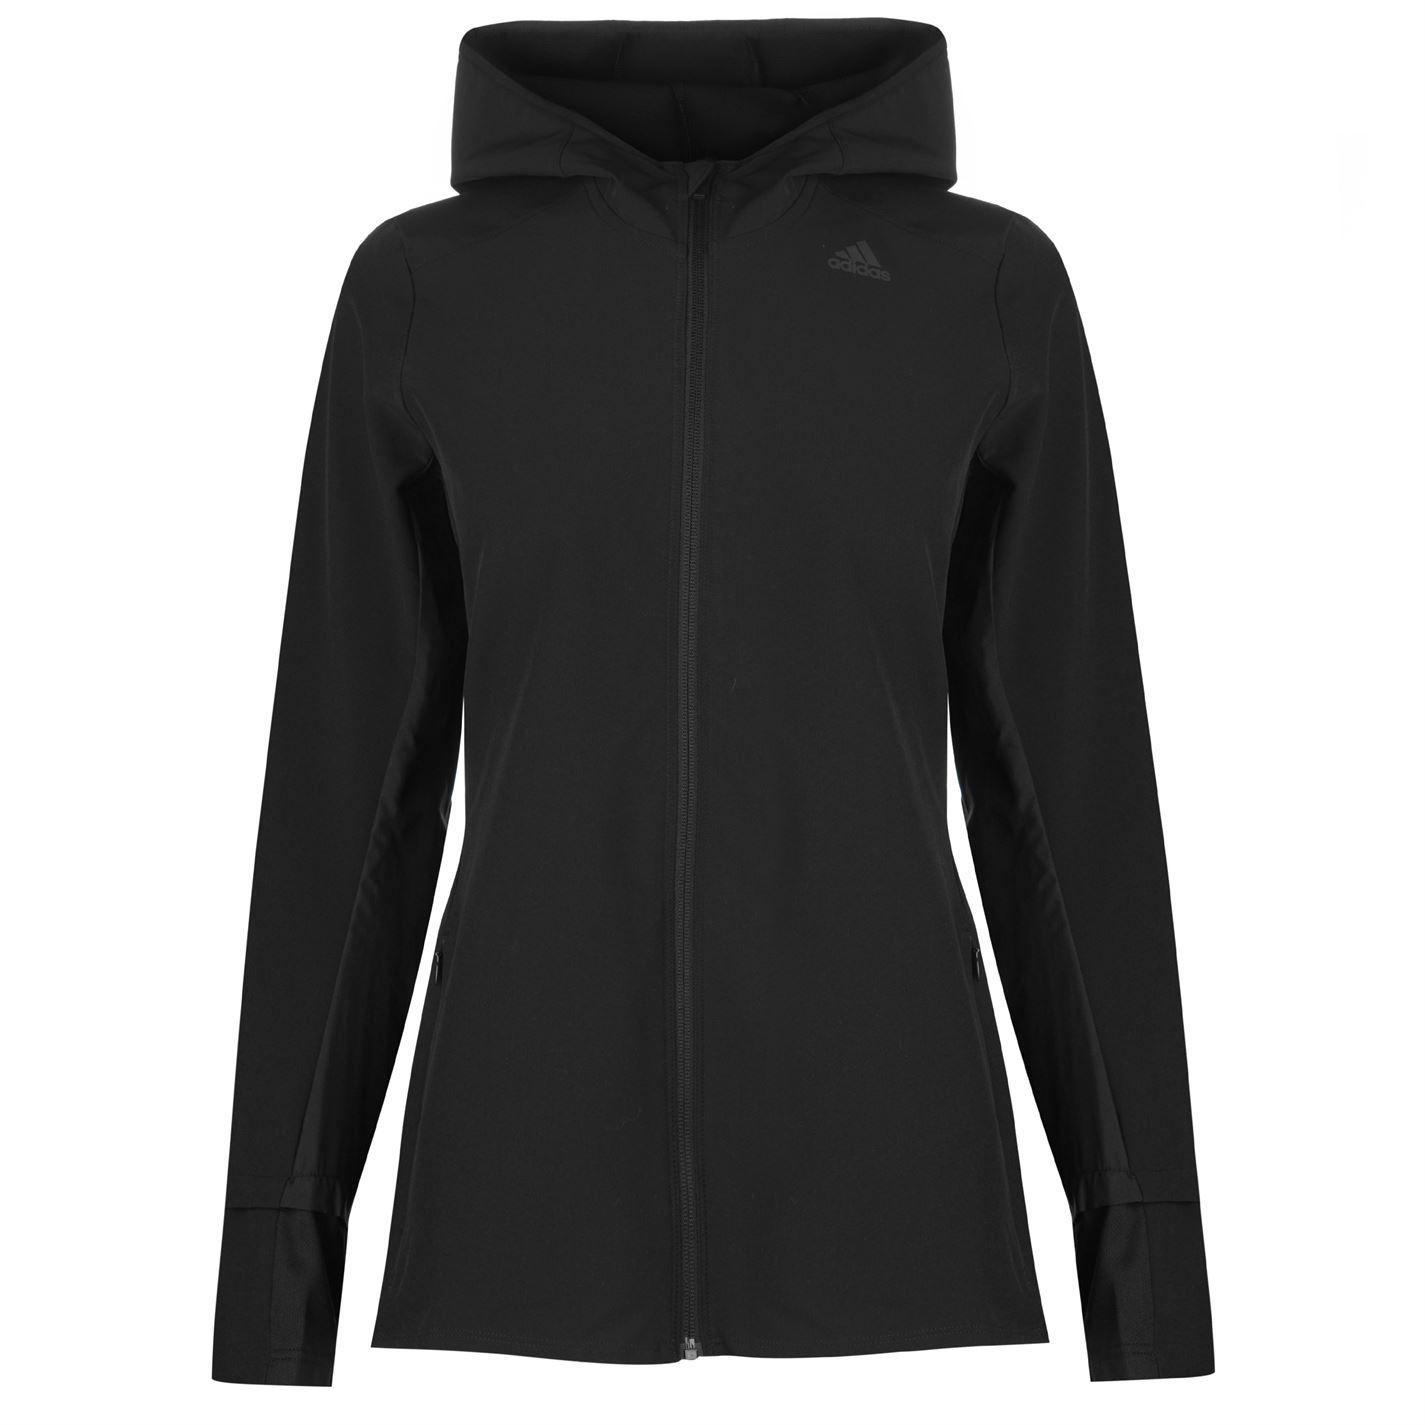 Adidas Response Jacket Ladies